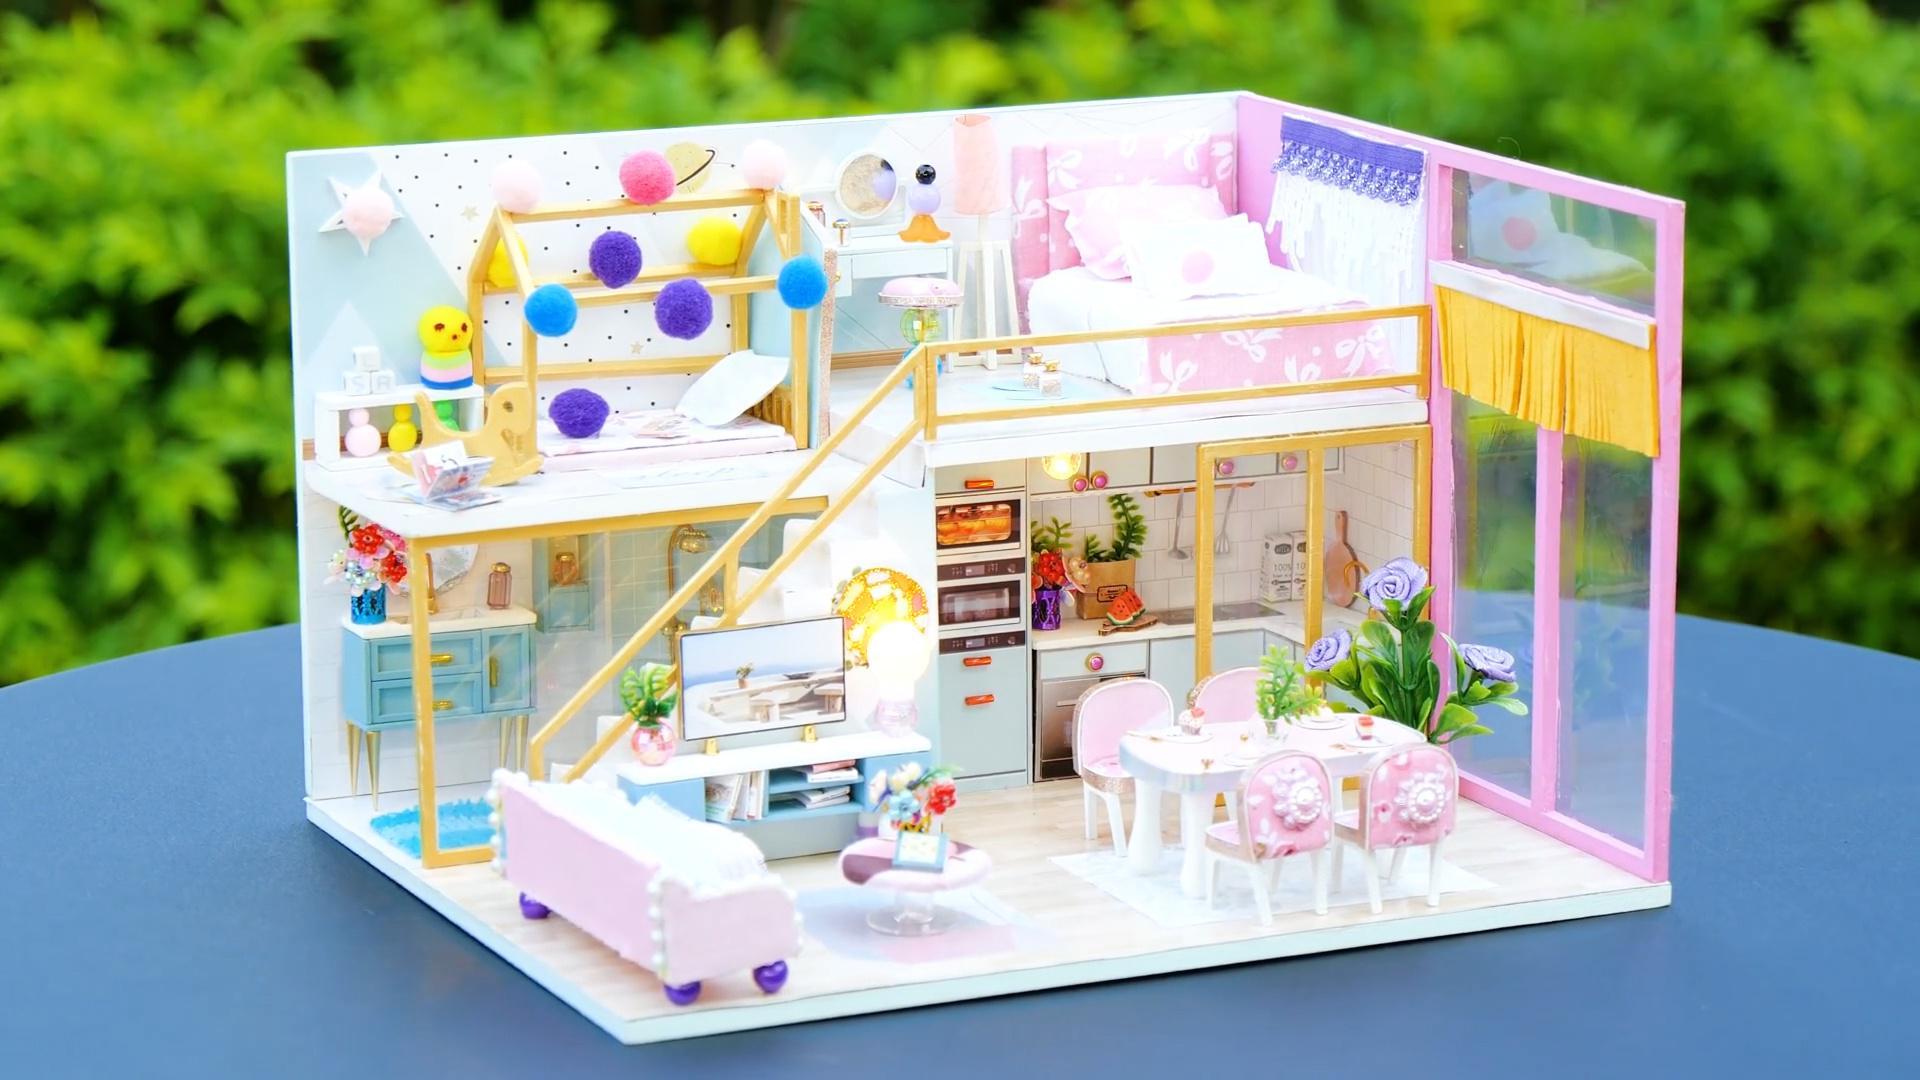 DIY迷你娃娃屋,小清风的粉色宝宝屋